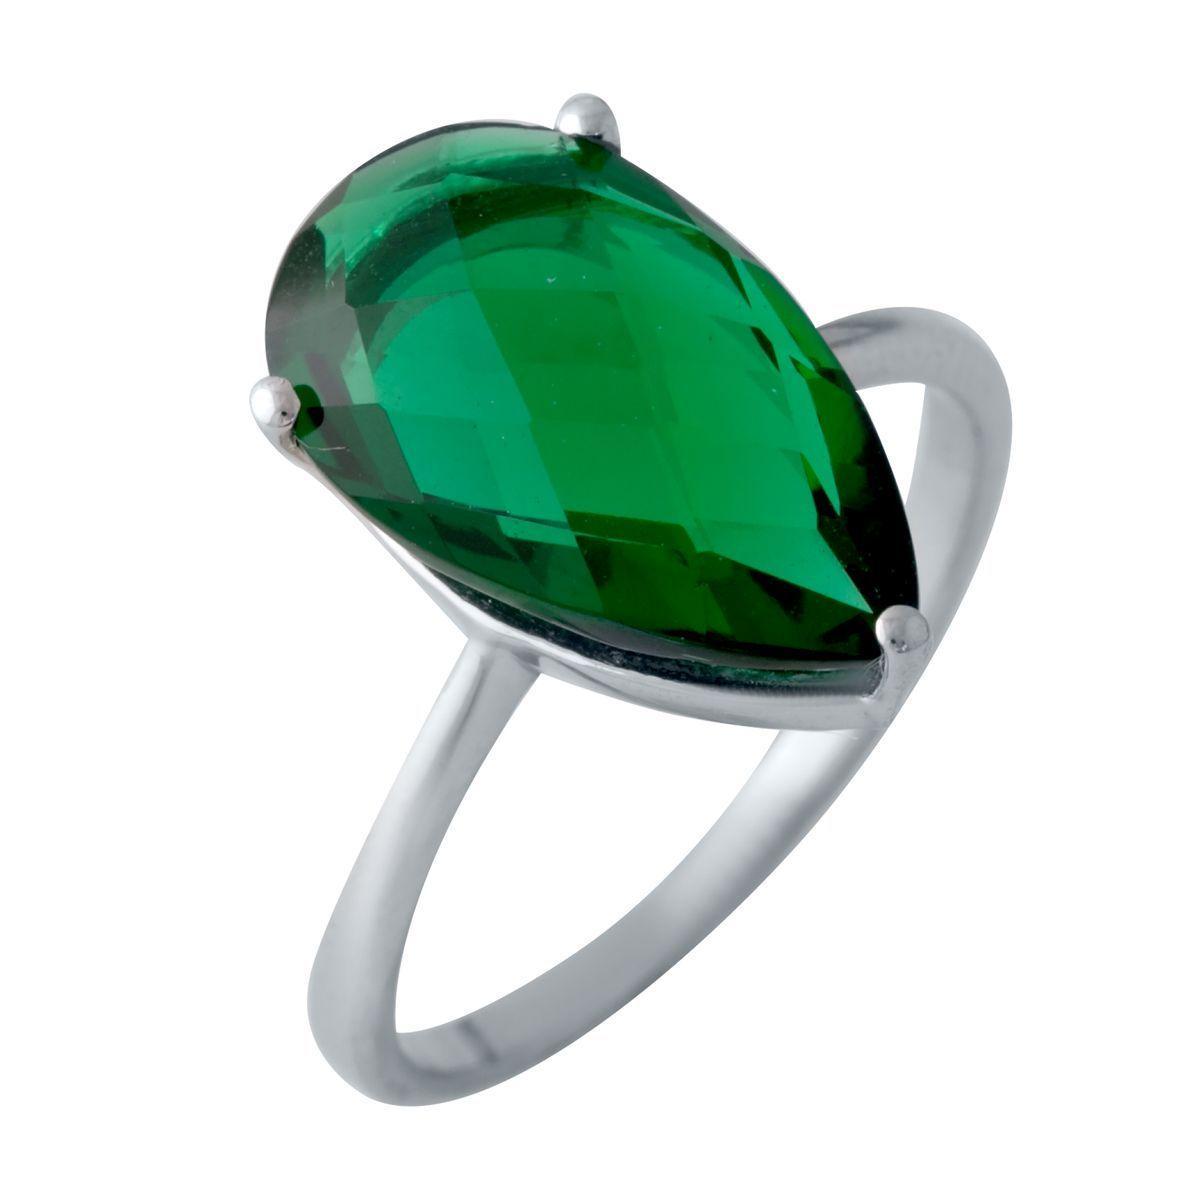 Серебряное кольцо DreamJewelry с изумрудом nano 3.75ct (2018100) 17 размер